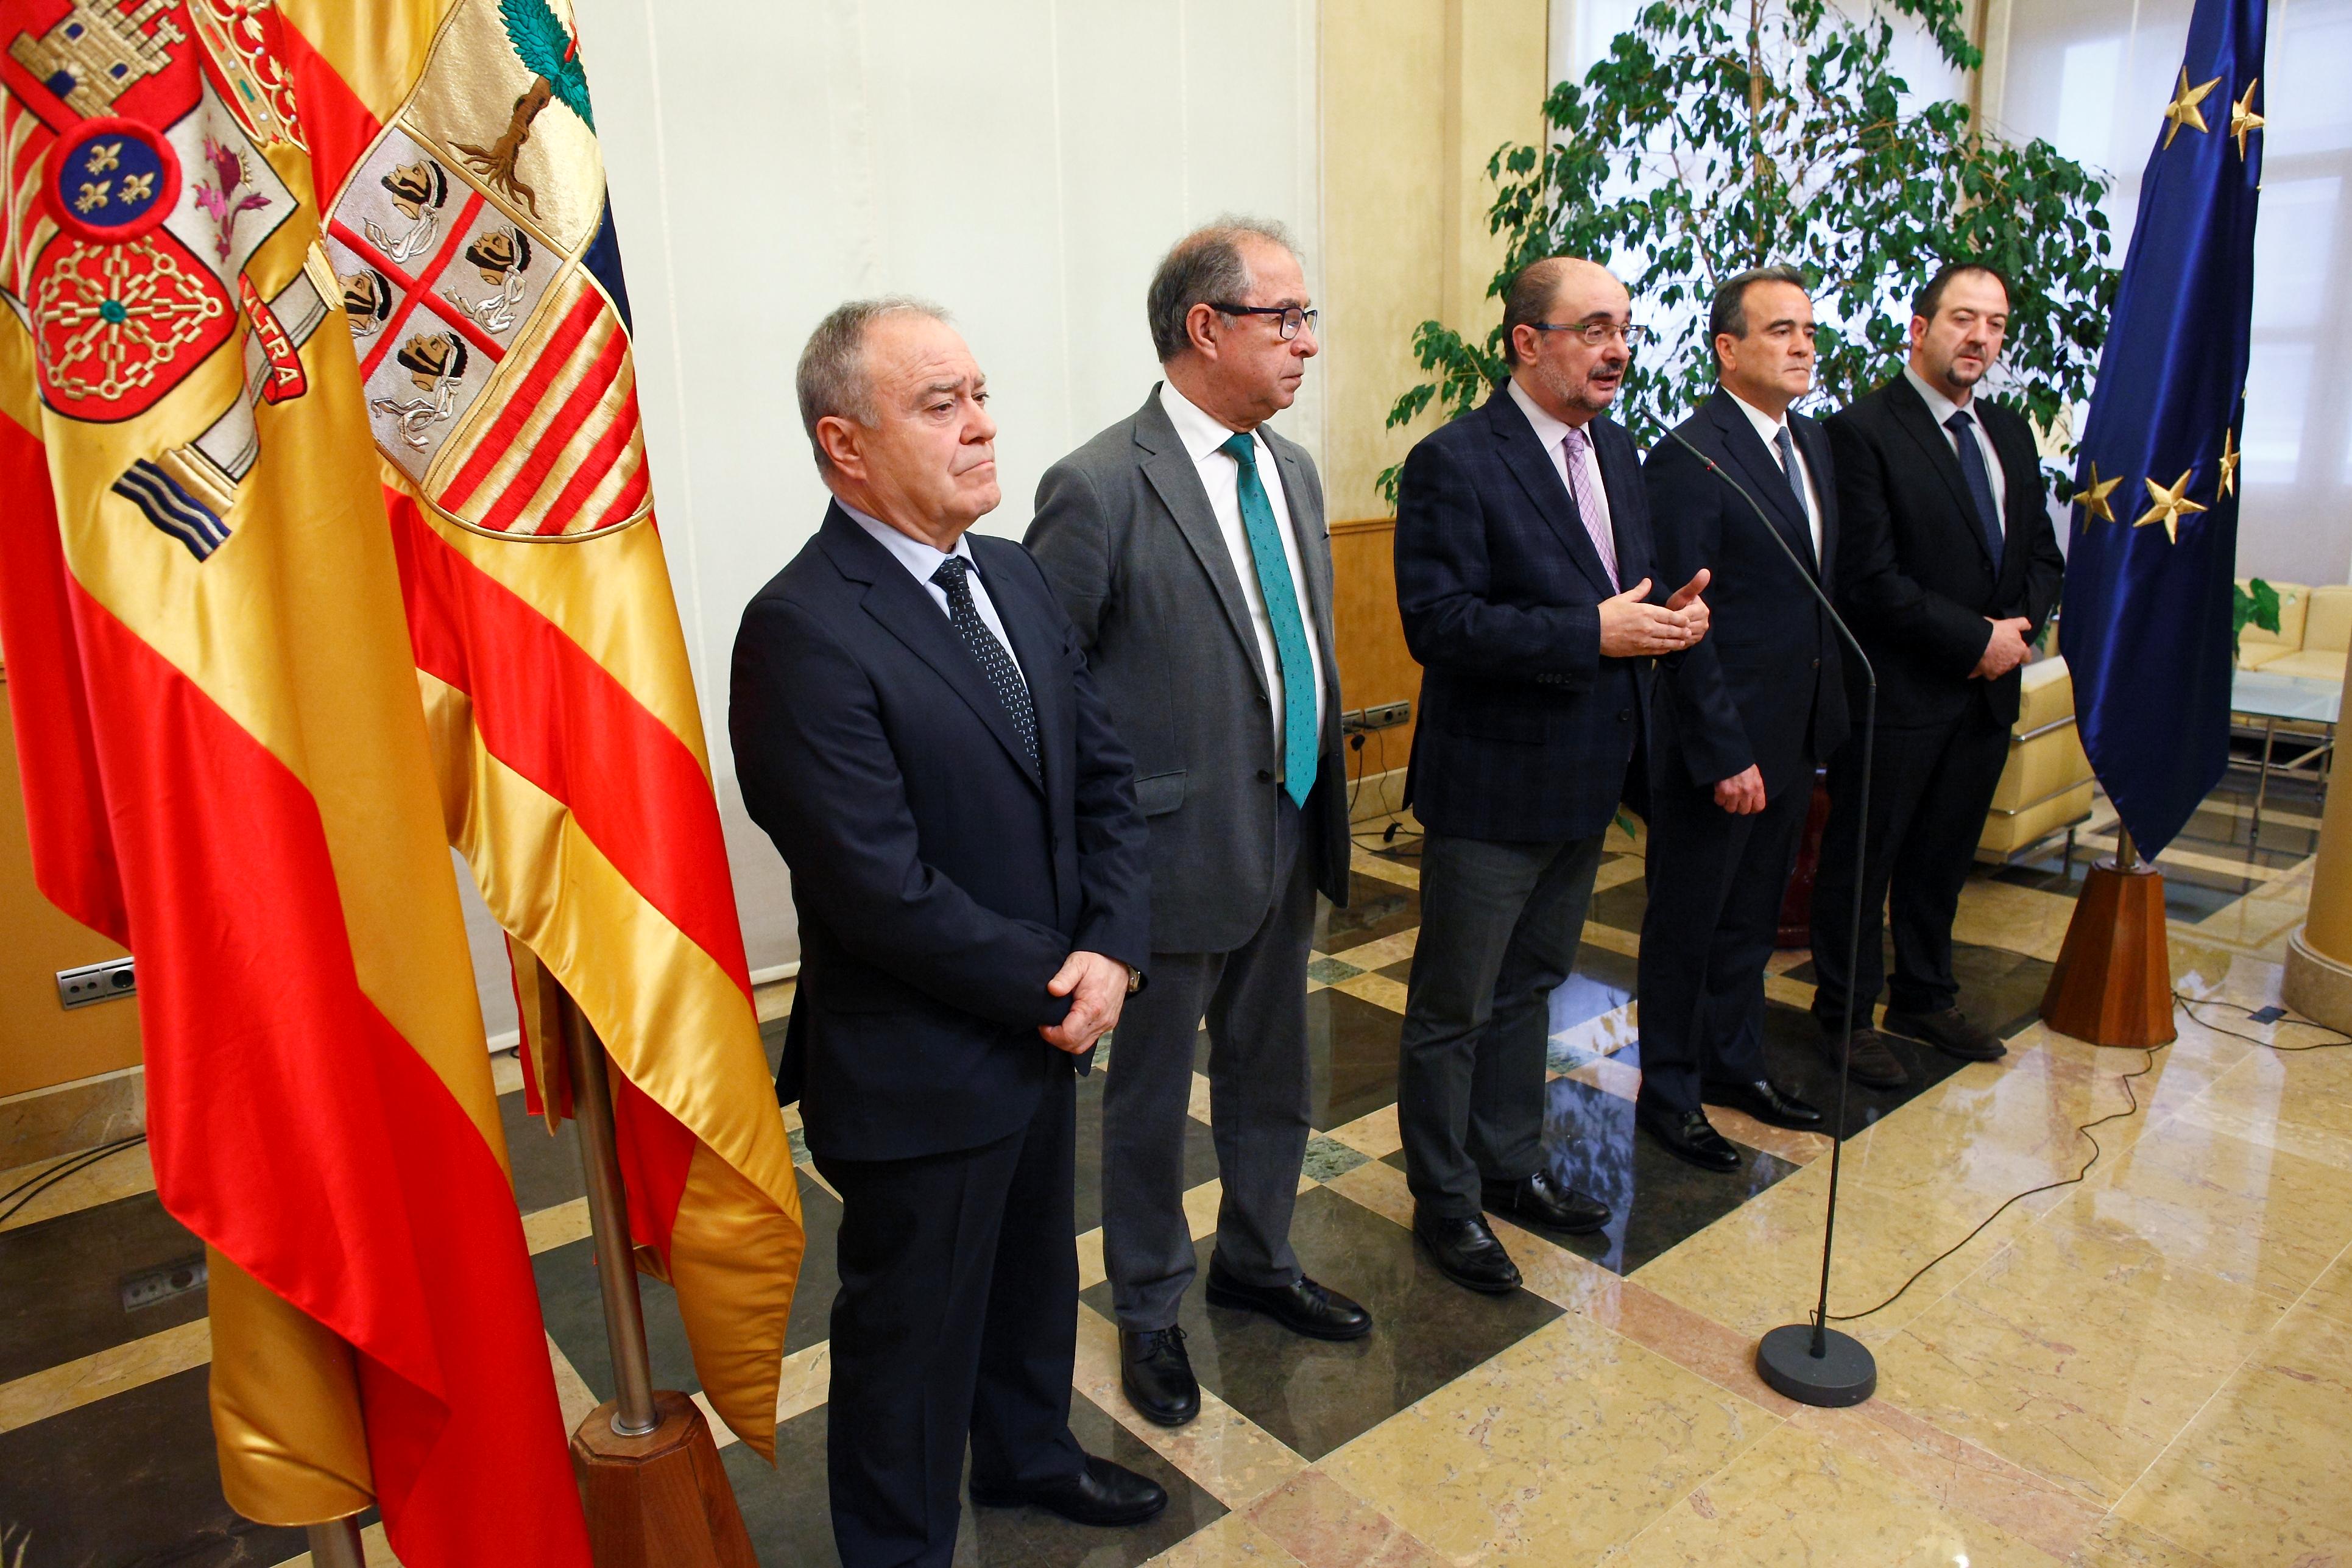 Tras la firma del convenio, Lambán reiteró su confianza en el buen hacer de las diputaciones provinciales.